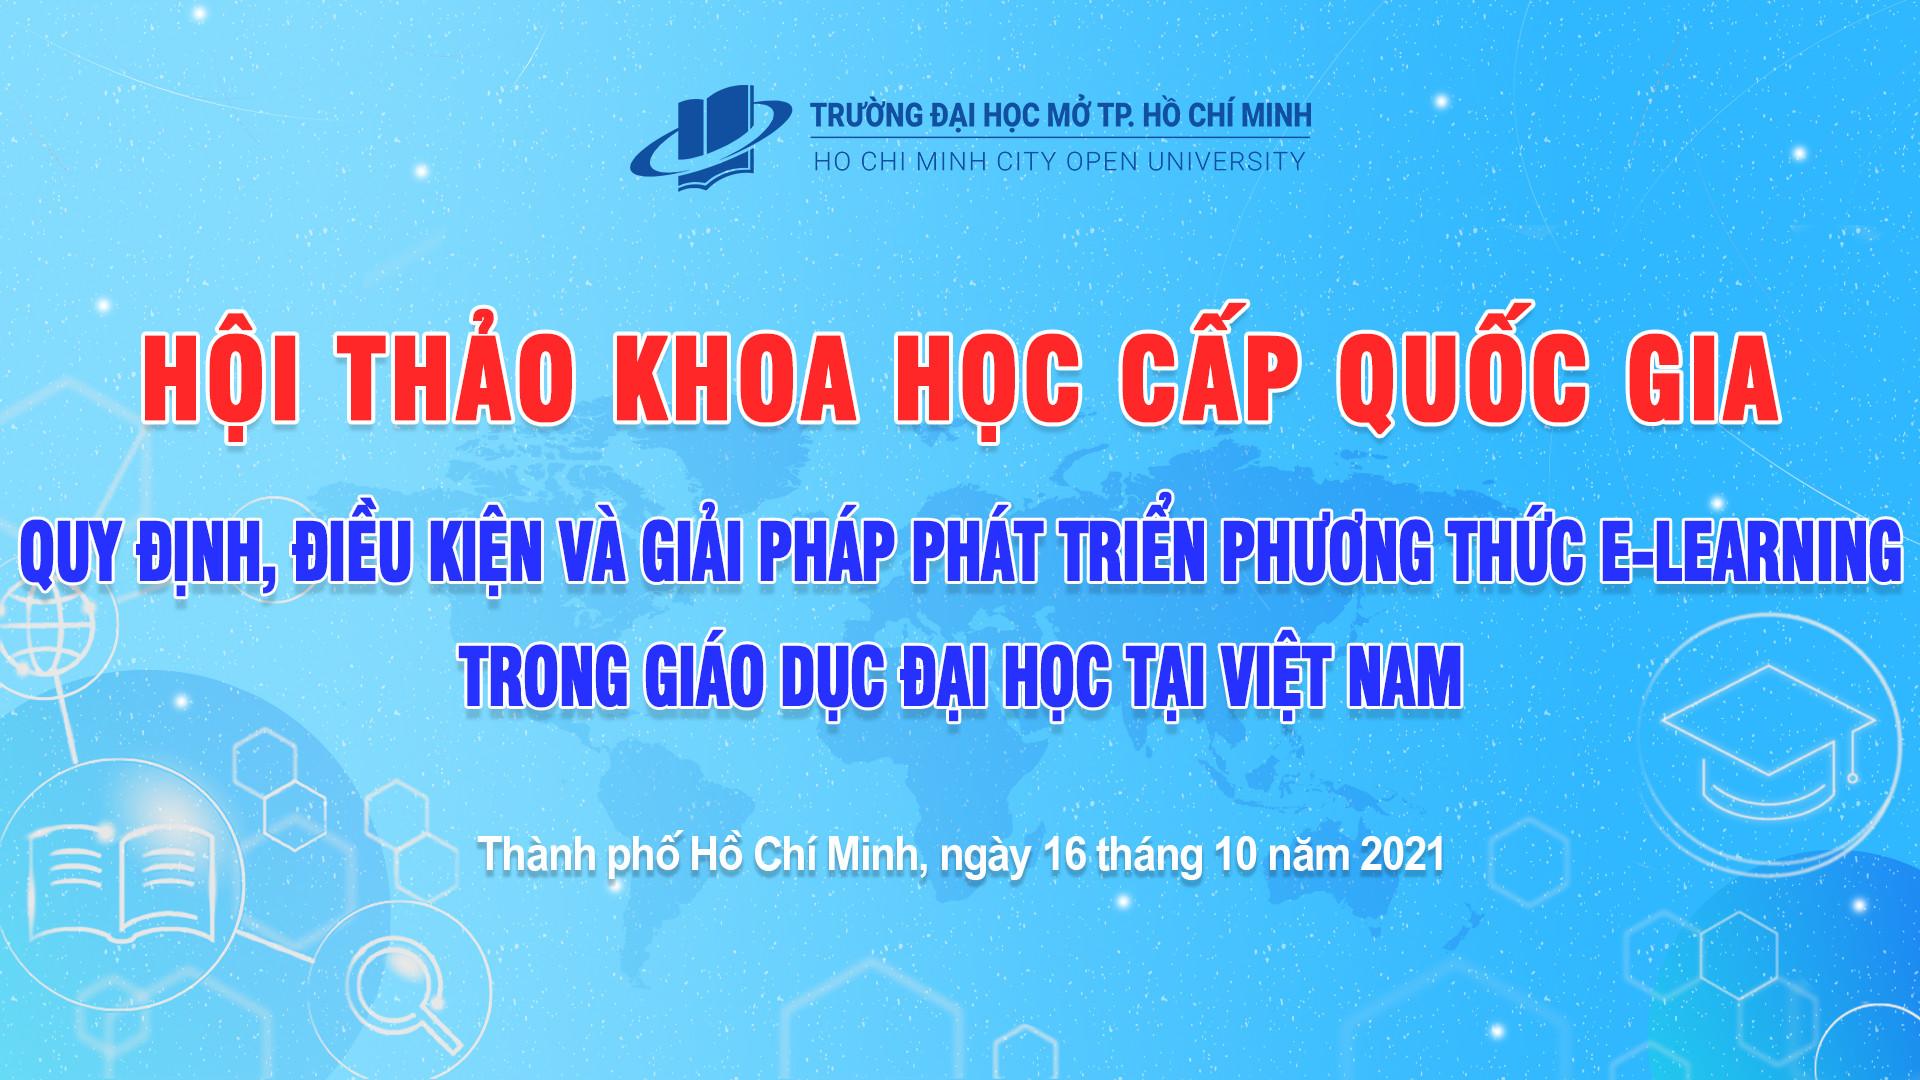 """Hội thảo Khoa học """"Quy định, điều kiện và giải pháp phát triển phương thức E-learning trong giáo dục đại học tại Việt Nam"""""""